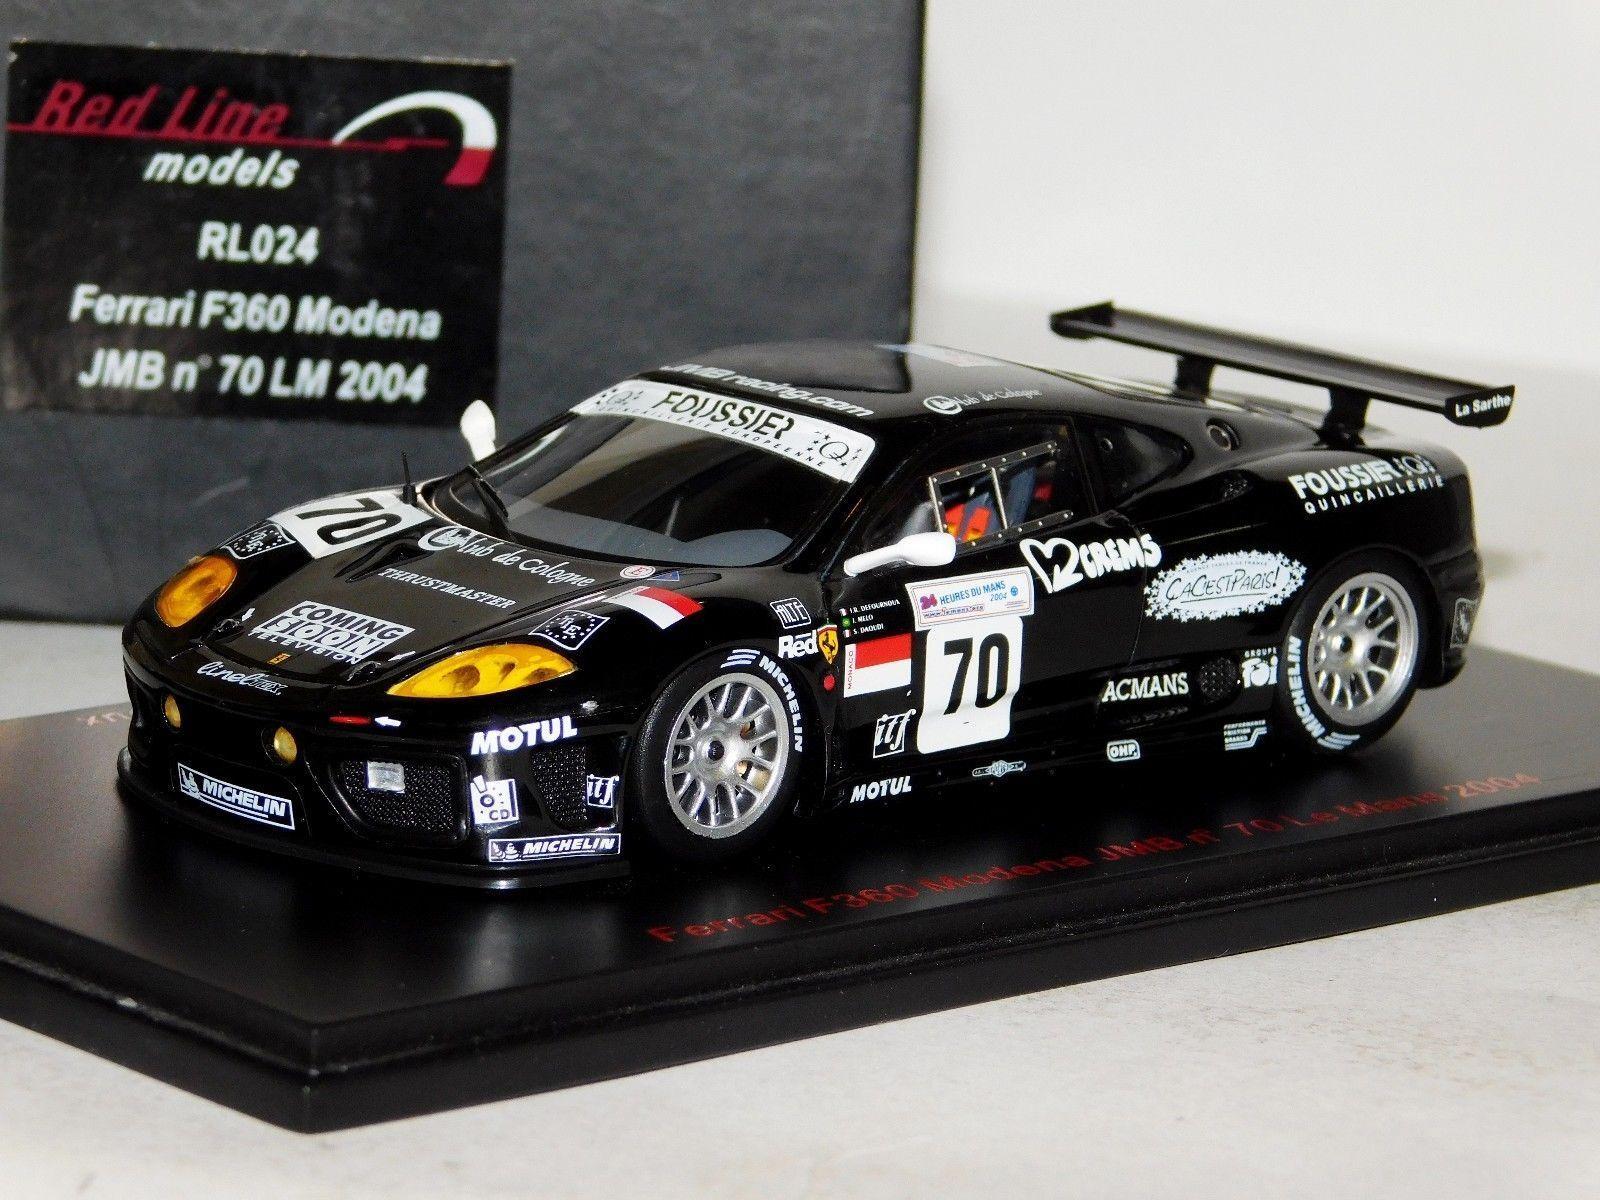 Ferrari f360 modena jmb   70 le mans 2004 rotline rl024 1 43